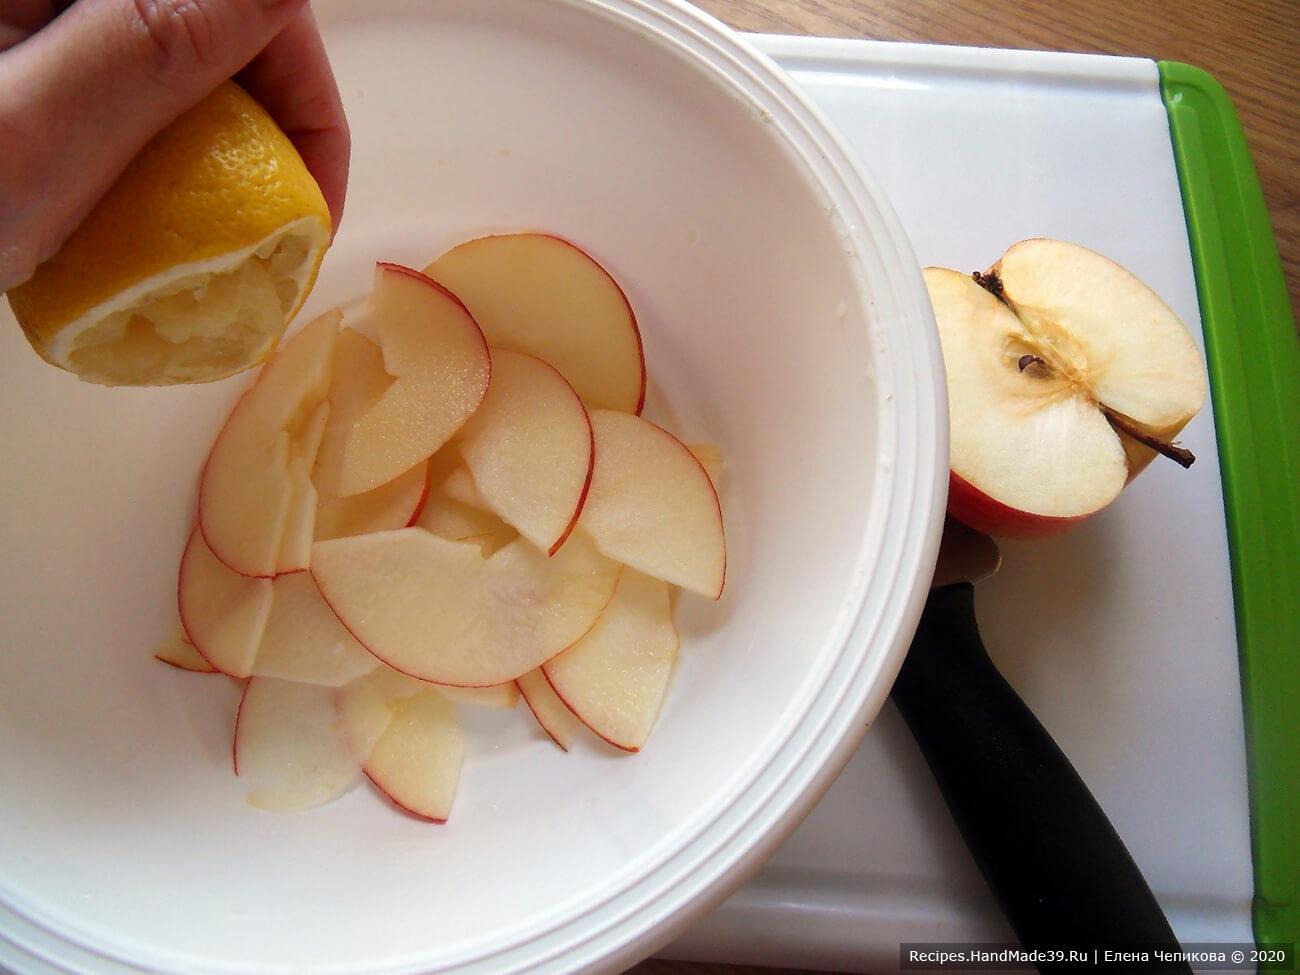 Сложить подготовленные яблочные заготовки в миску и полить лимонным соком, чтобы яблоки не потемнели